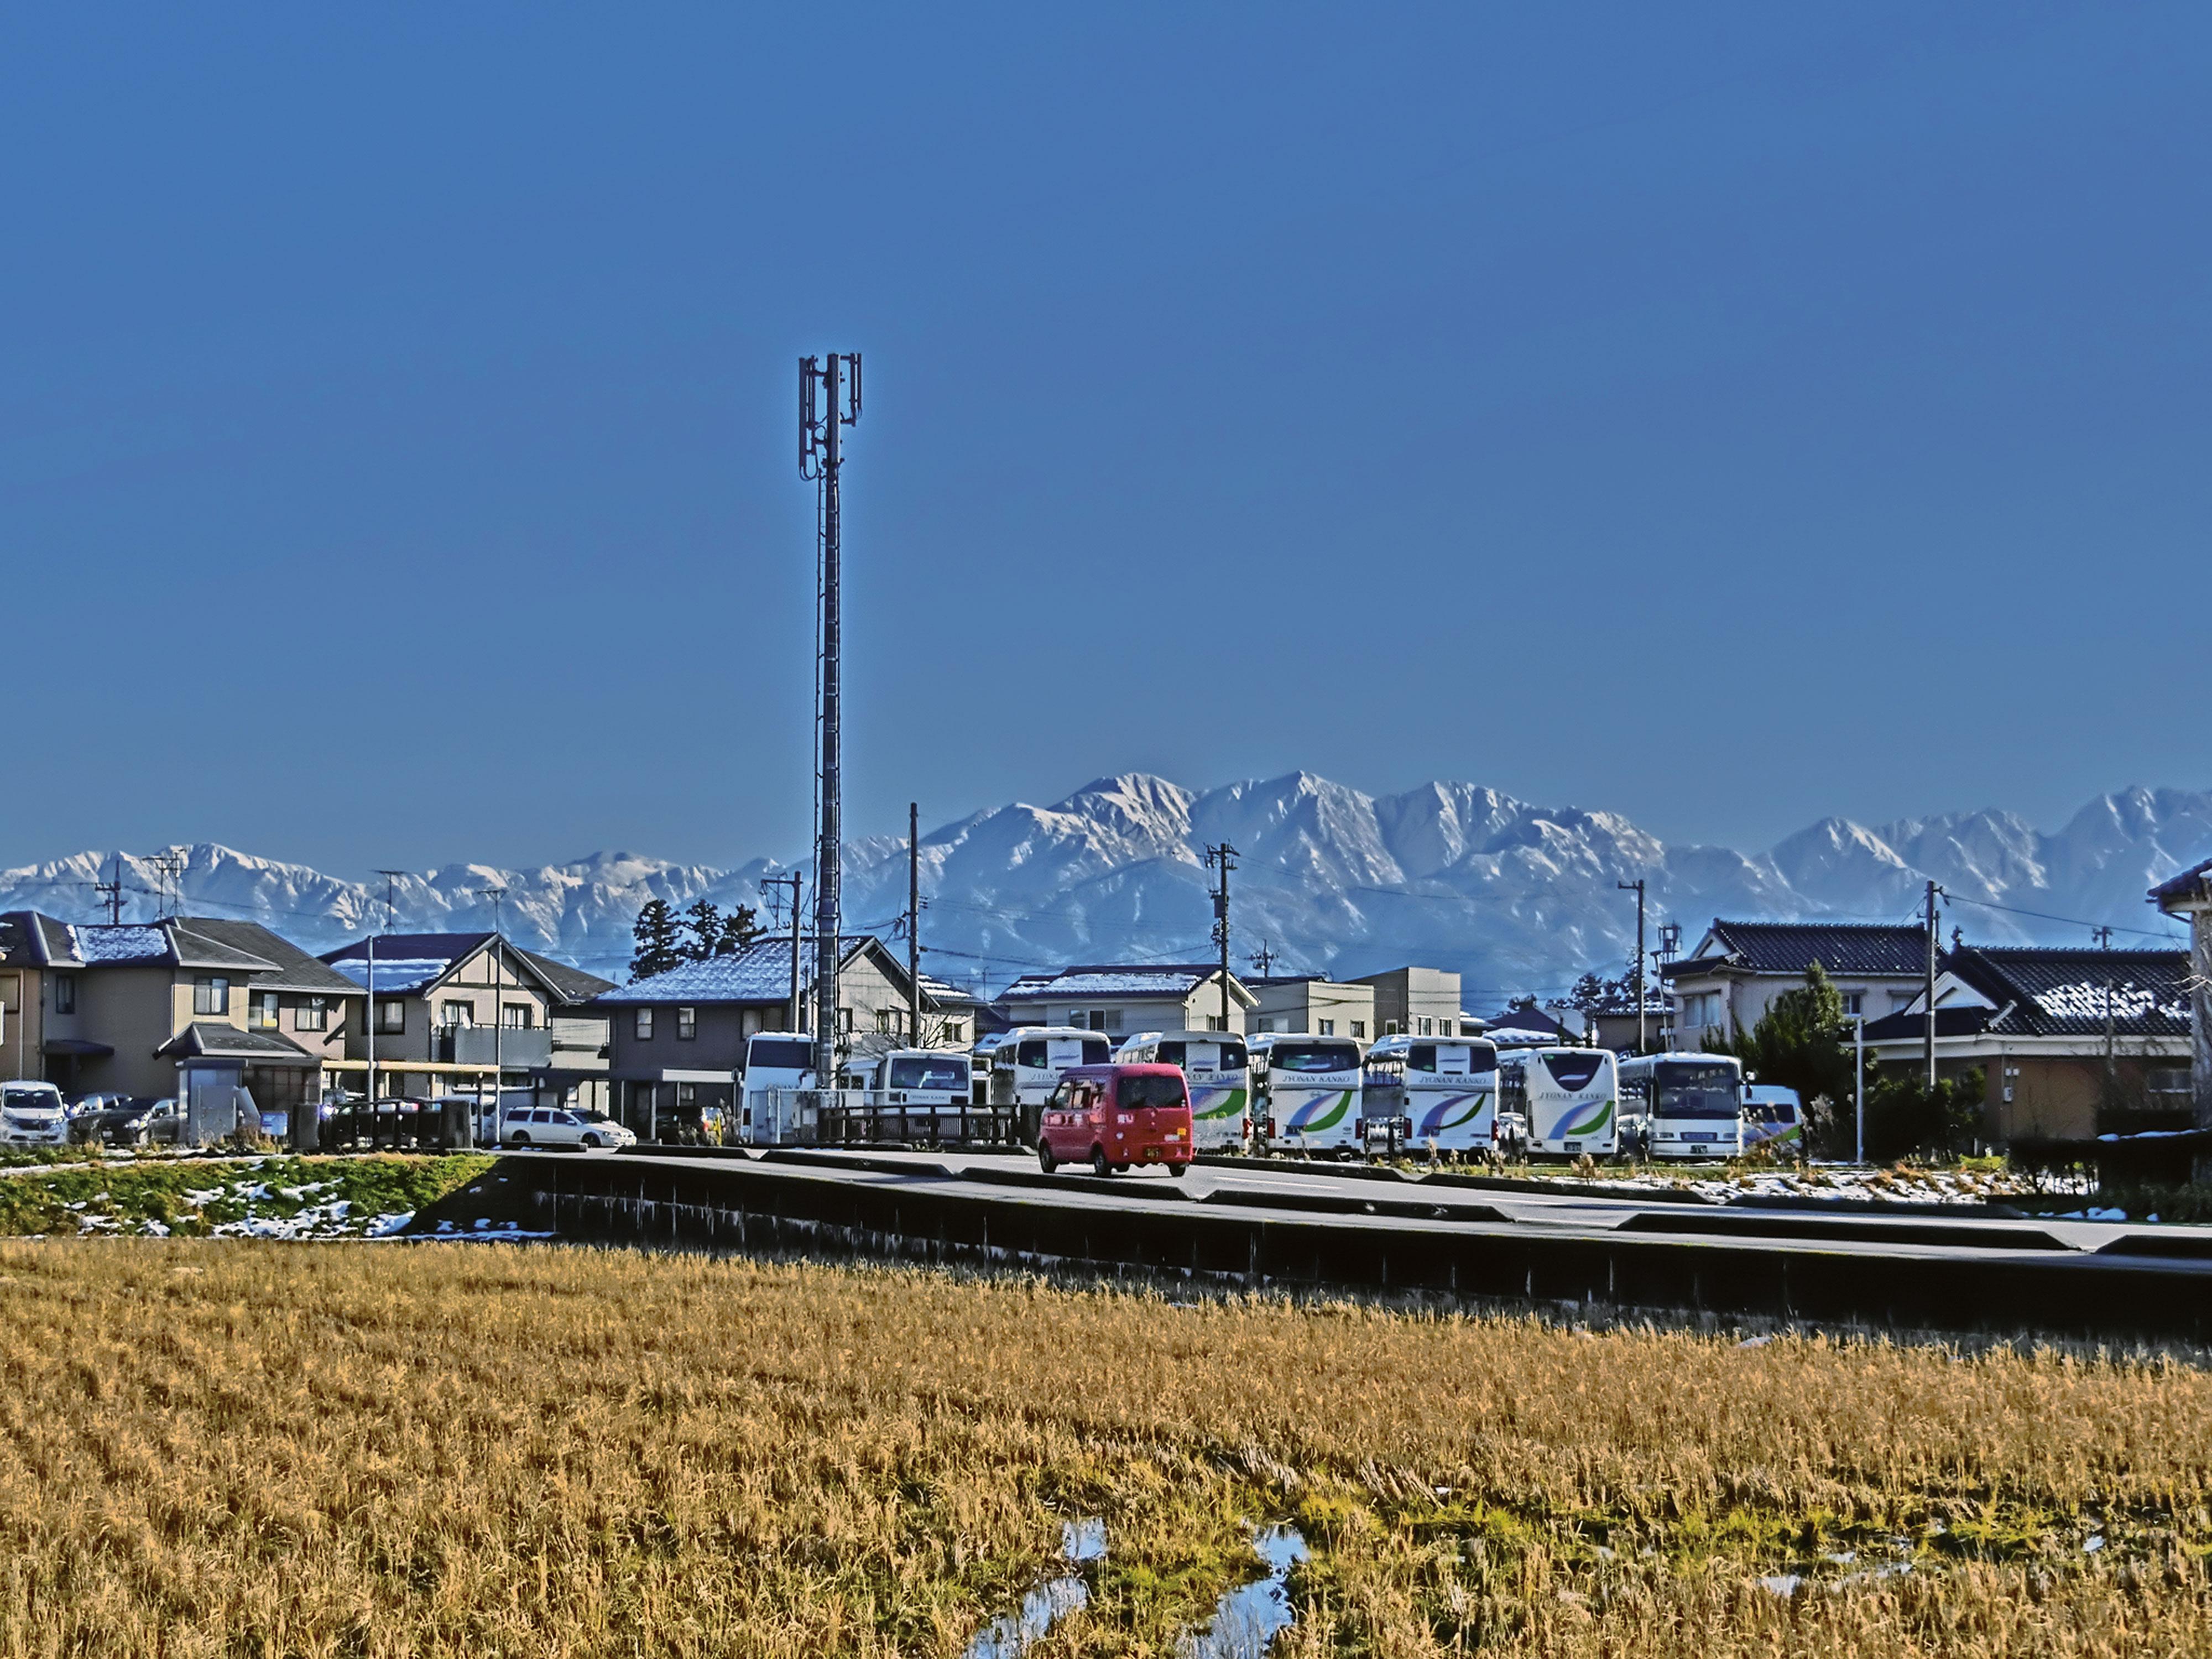 田んぼと住宅街の向こうに立山連峰